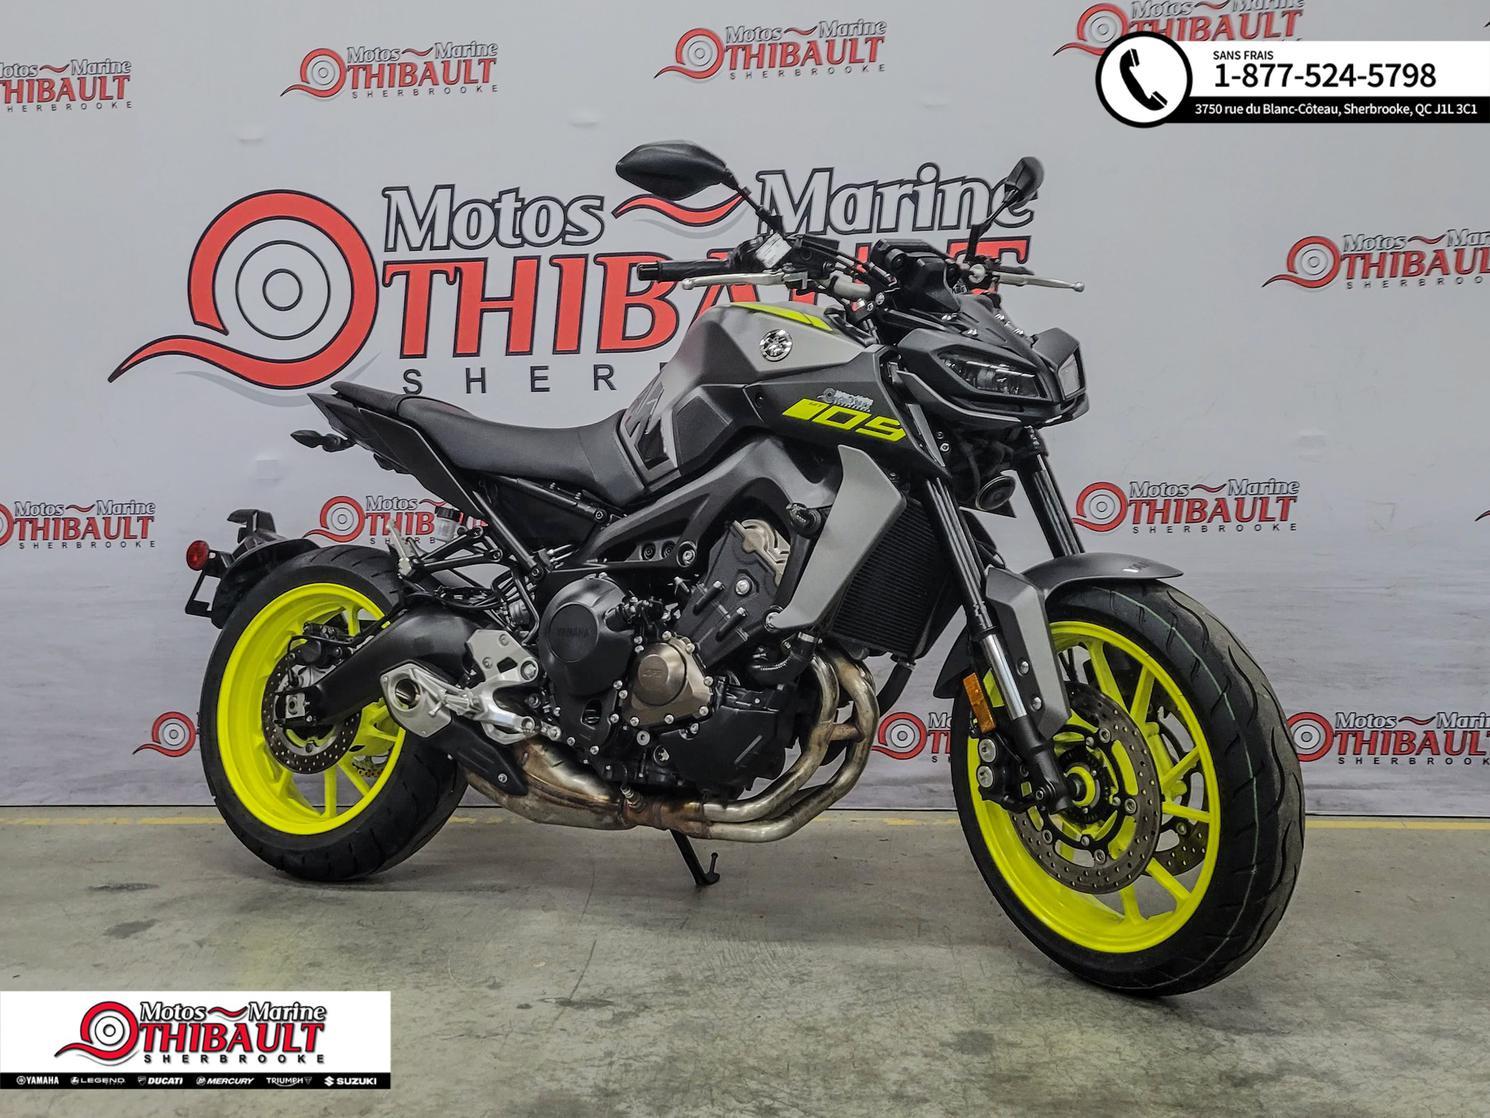 2018 Yamaha MT-09 Naked ABS